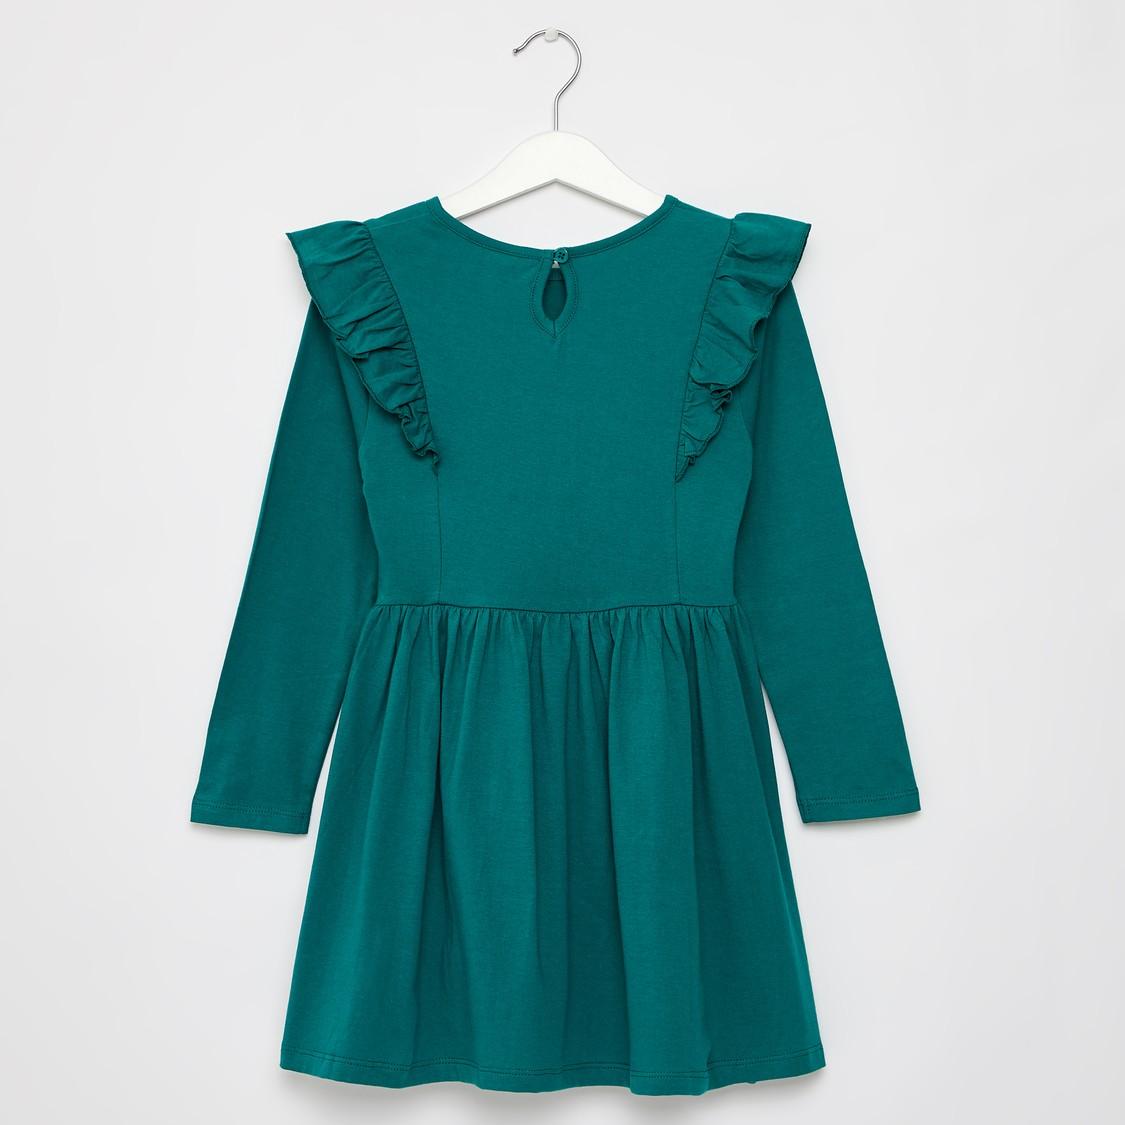 فستان بطول الركبة بياقة مستديرة وأكمام طويلة وطبعات جاسمين